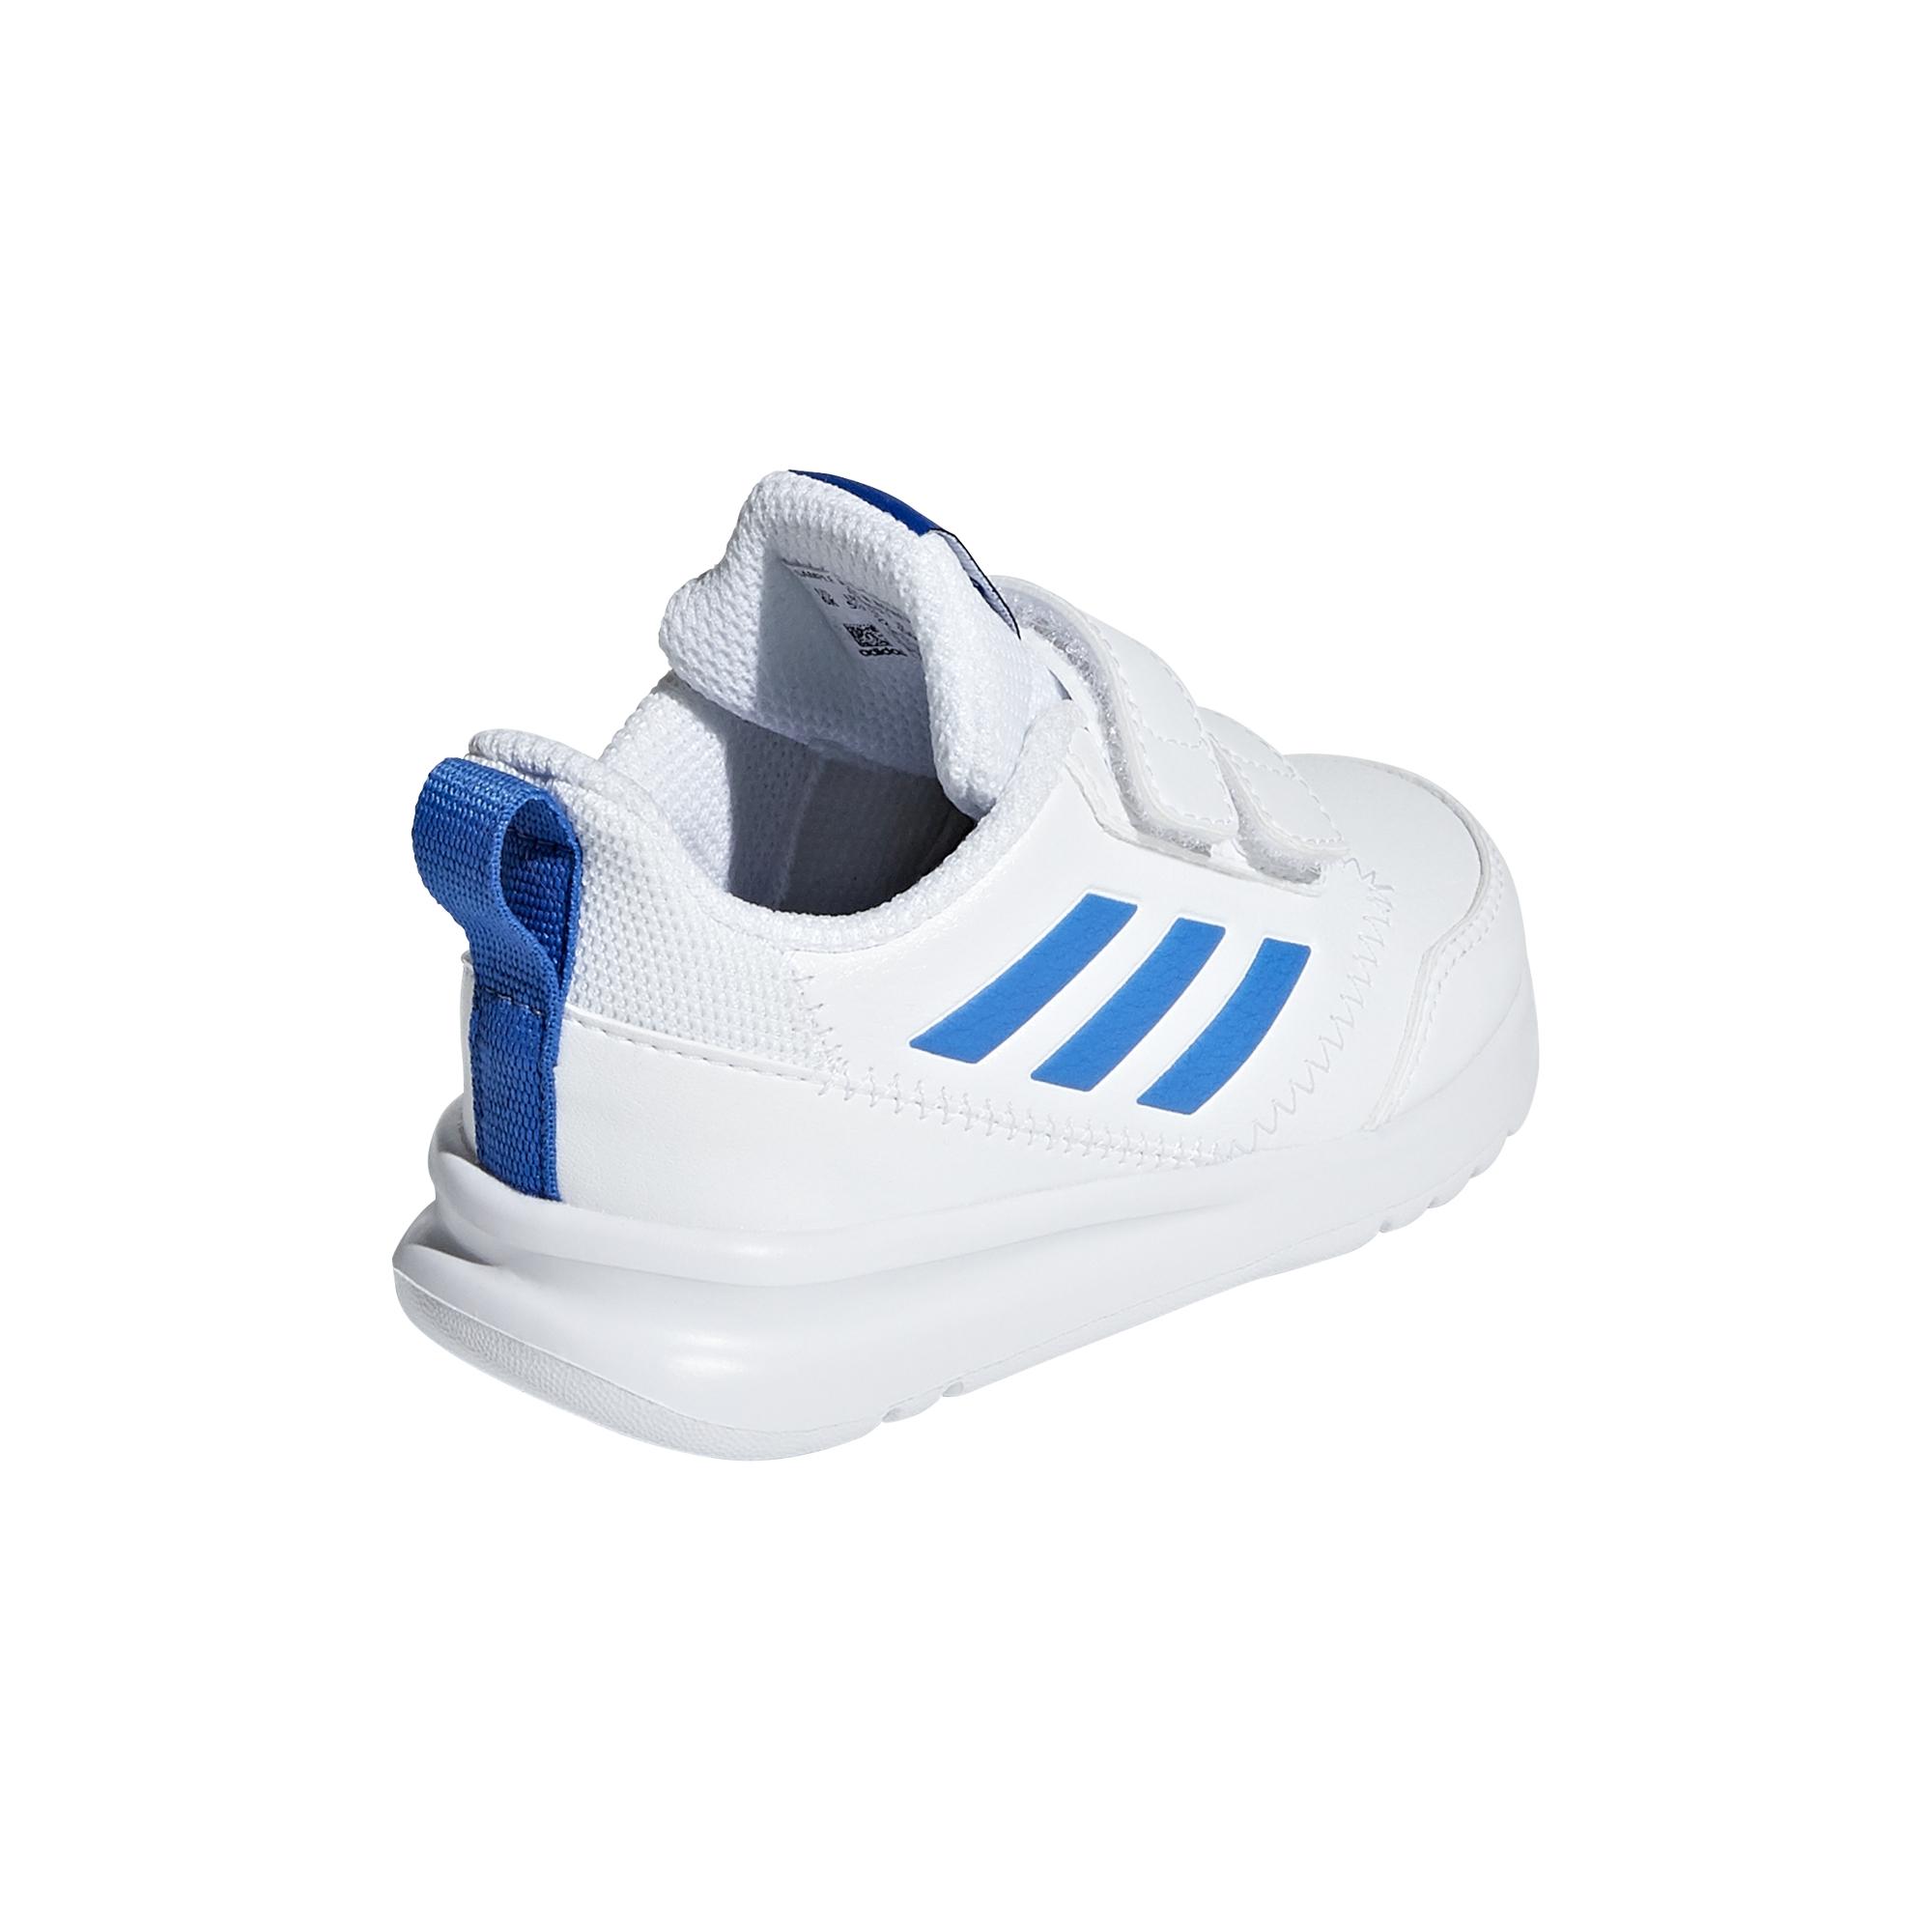 buy online 41745 c18e1 Chaussures junior adidas AltaRun